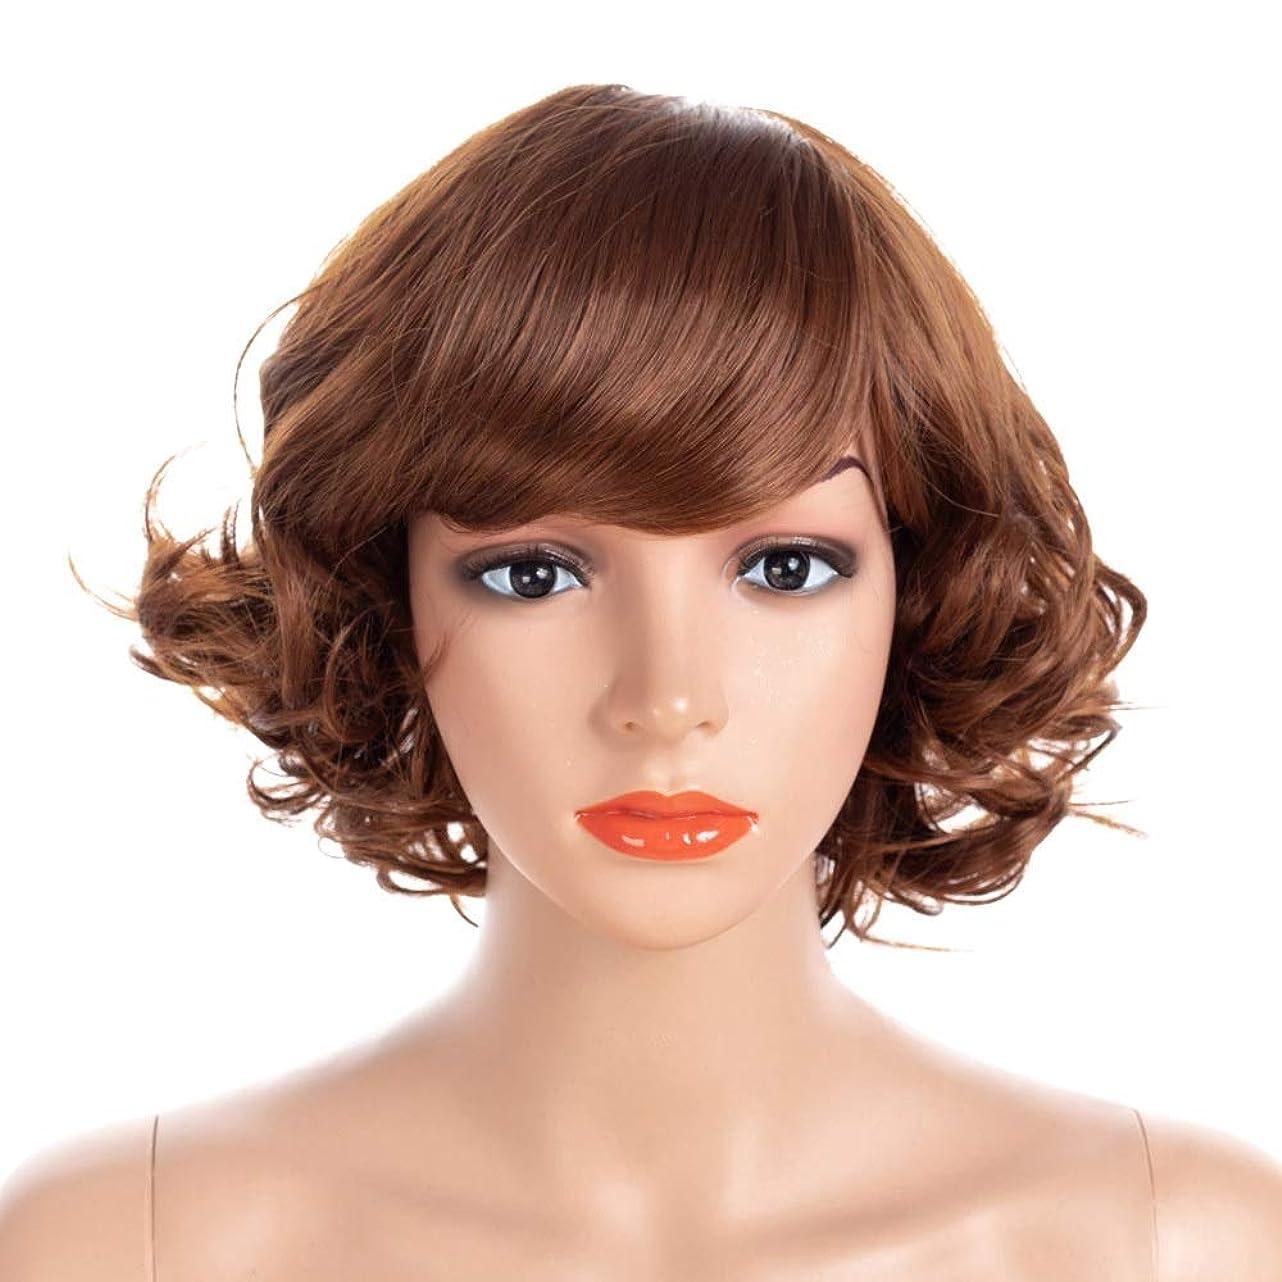 アジャ笑い創造Isikawan 女性のためのファンシードレス&コスプレパーティー高品質ナチュラル探しのための茶色の短い波状の巻き毛のかつら (色 : ブラウン, サイズ : 40cm)